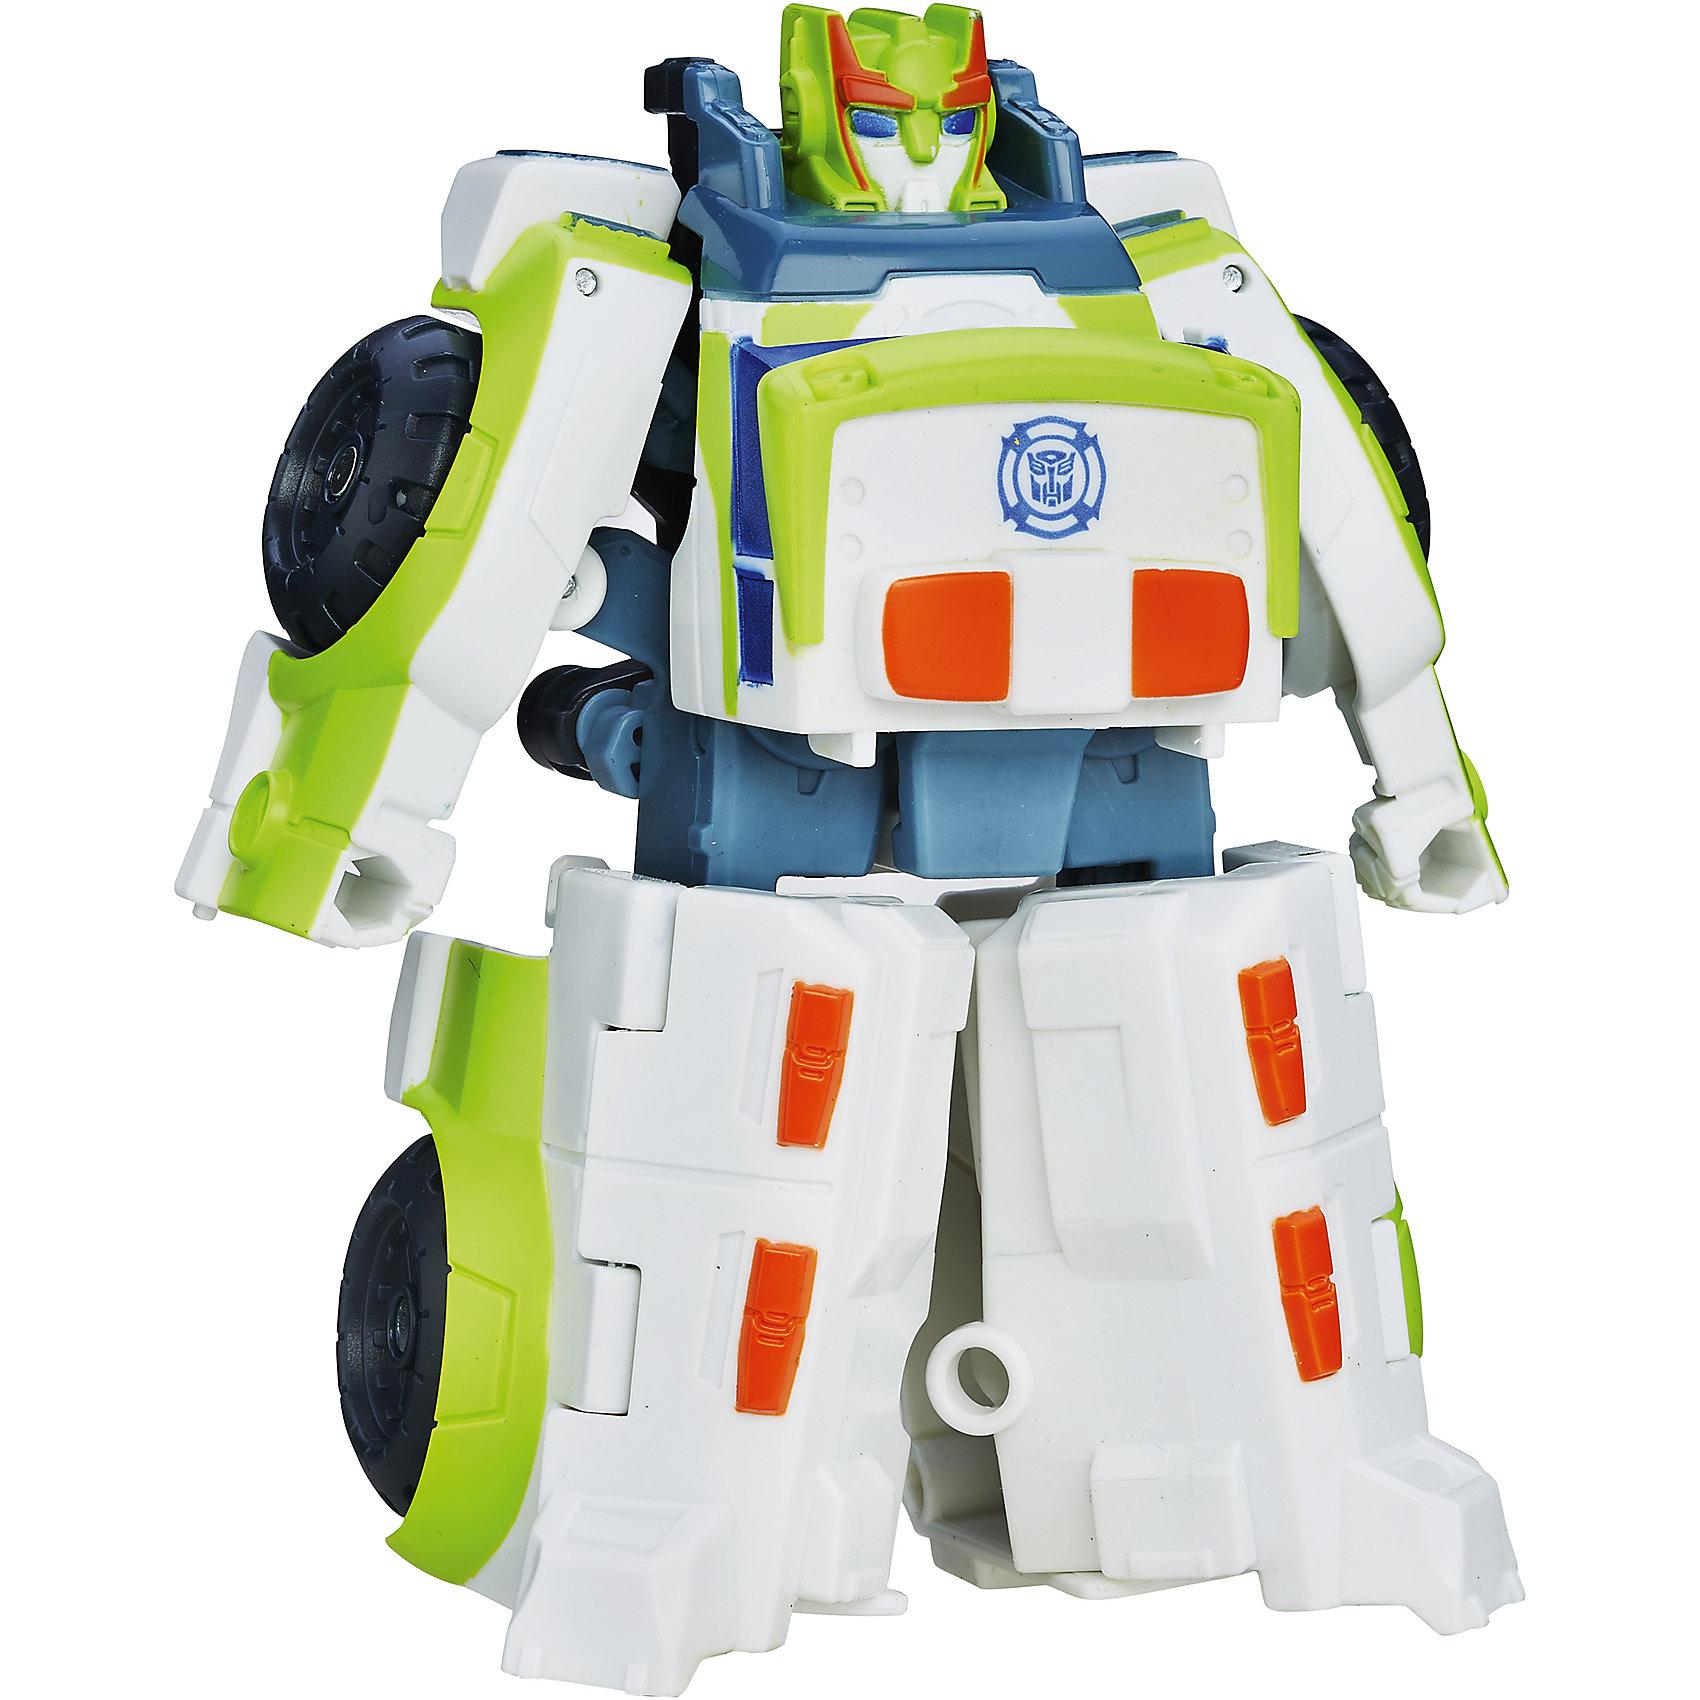 Трансформер, Playskool heroes, Valor the Lion-BotИдеи подарков<br>Характеристики товара:<br><br>• возраст от 3 лет;<br>• материал: пластик;<br>• высота робота 13 см;<br>• размер упаковки 24,1х16,2х5,8 см;<br>• вес упаковки 140 гр.;<br>• страна производитель: Китай.<br><br>Трансформеры-динозавры Playskool Heroes — персонажи известного фильма «Трансформеры» про роботов-трансформеров, которые превращаются а машины. Благодаря шарнирным механизмам игрушка легко трансформируется из робота в еще одну фигурку. С обеими фигурками можно придумывать увлекательные игры. Робот выполнен из качественного прочного пластика.<br><br>Трансформеров-динозавров Playskool Heroes можно приобрести в нашем интернет-магазине.<br><br>Ширина мм: 58<br>Глубина мм: 162<br>Высота мм: 241<br>Вес г: 140<br>Возраст от месяцев: 36<br>Возраст до месяцев: 84<br>Пол: Мужской<br>Возраст: Детский<br>SKU: 5622050